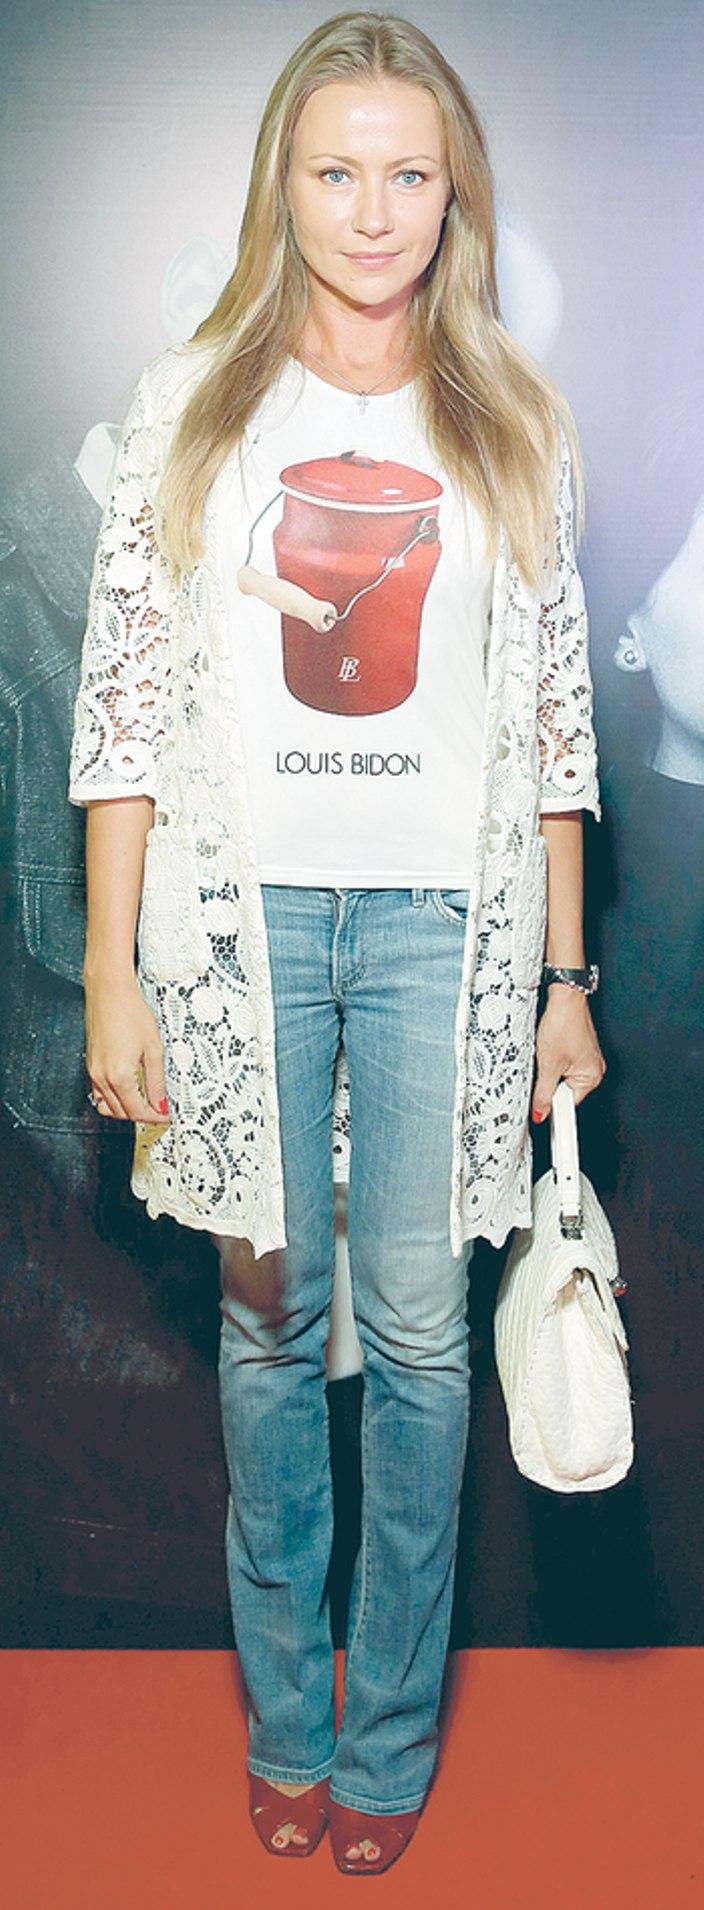 девушка в футболке с надписью луи бидон